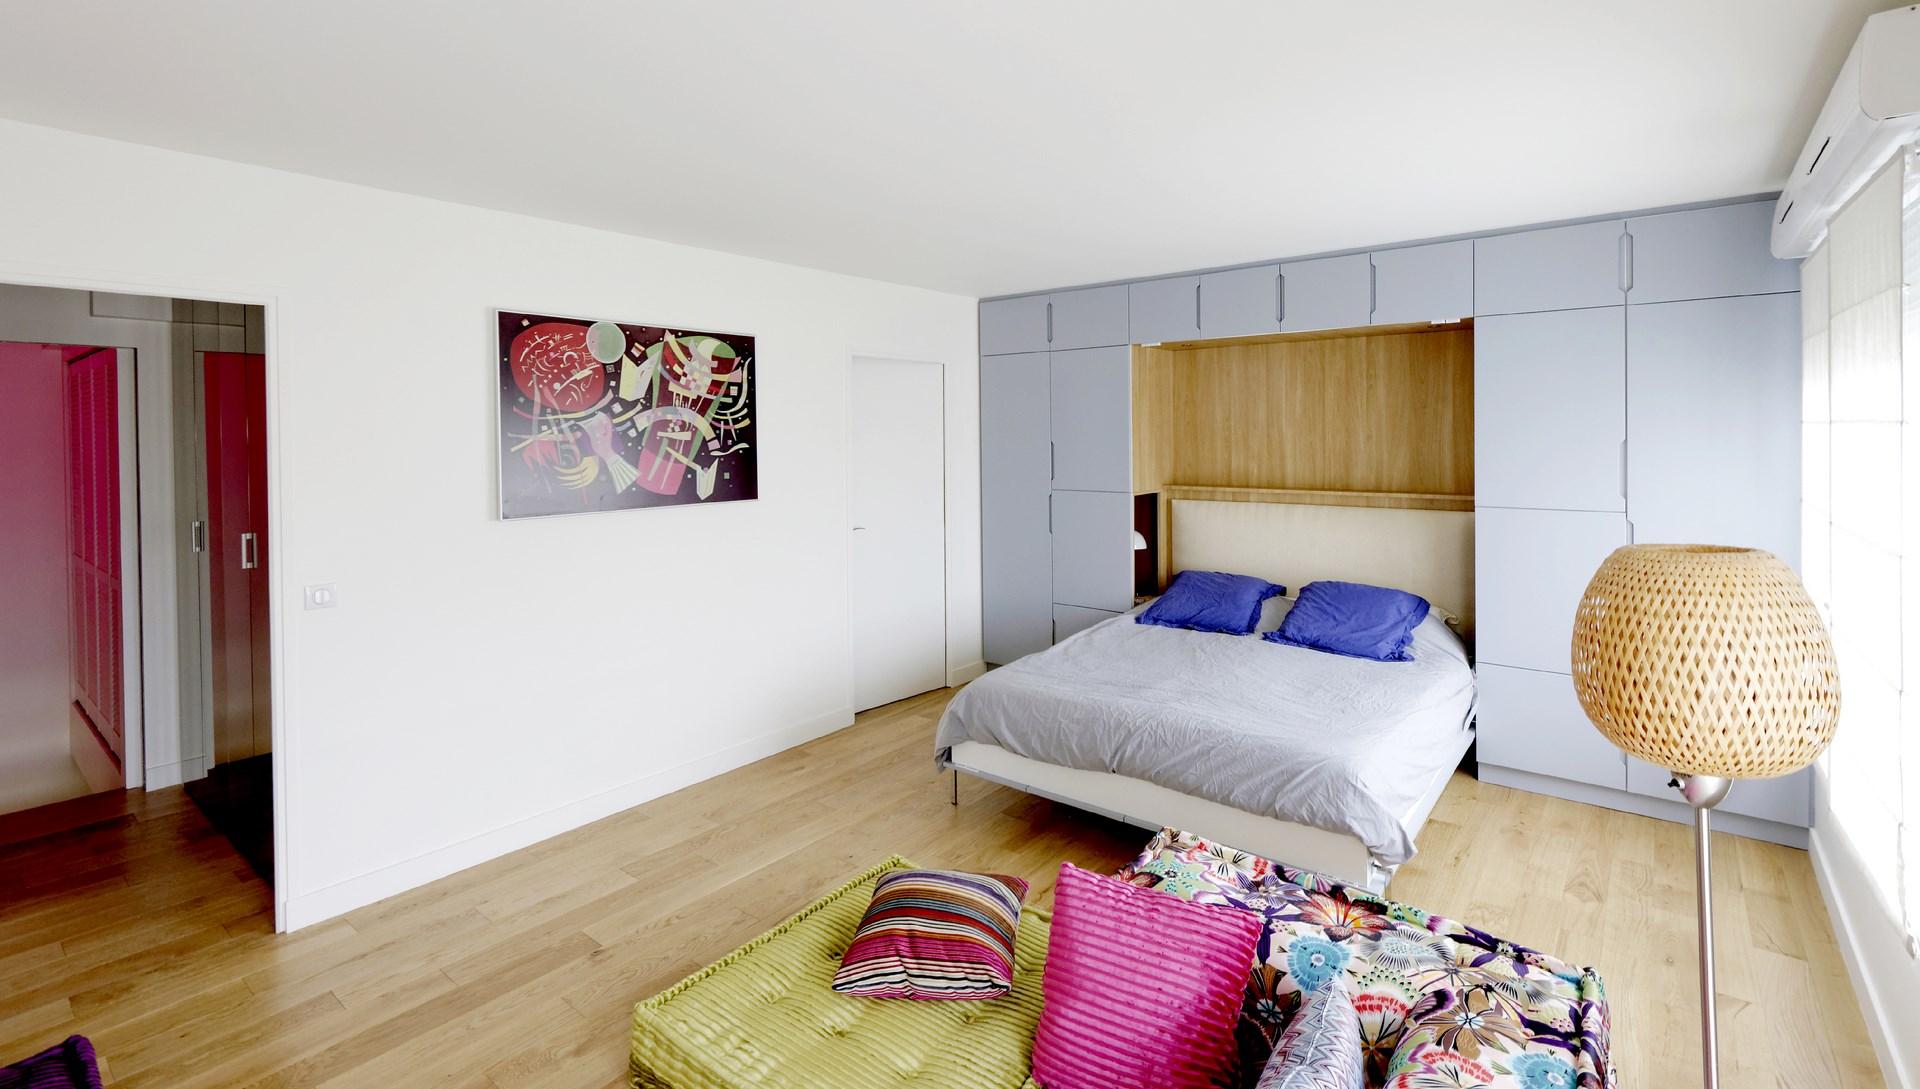 amenagement chambre prestige meuble sur mesure laque mat bois precieux radiateur tableau agence avous